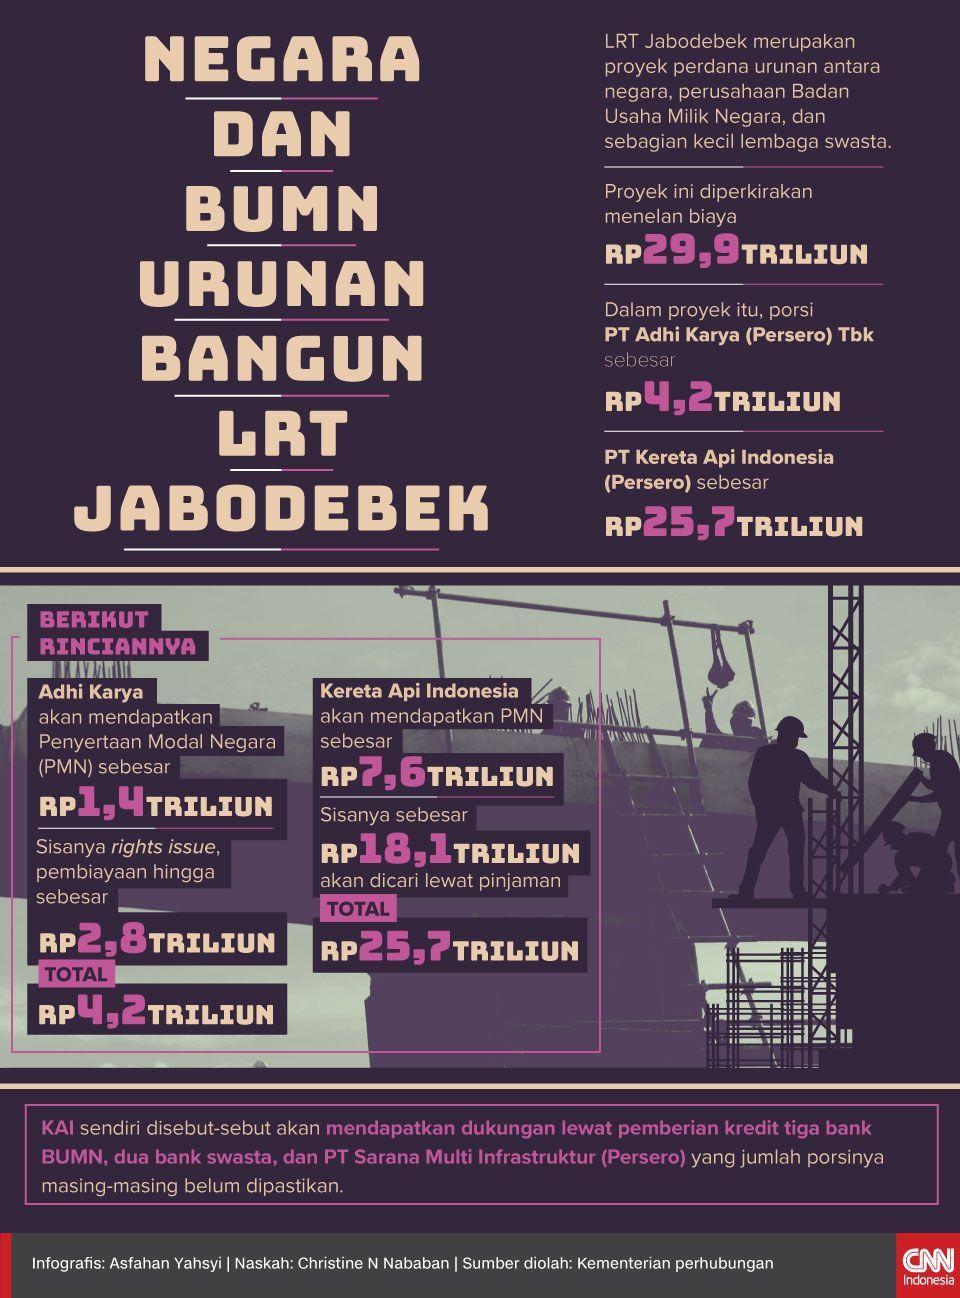 Infografis Negara dan Korporasi Urunan Bangun LRT Jabodebek